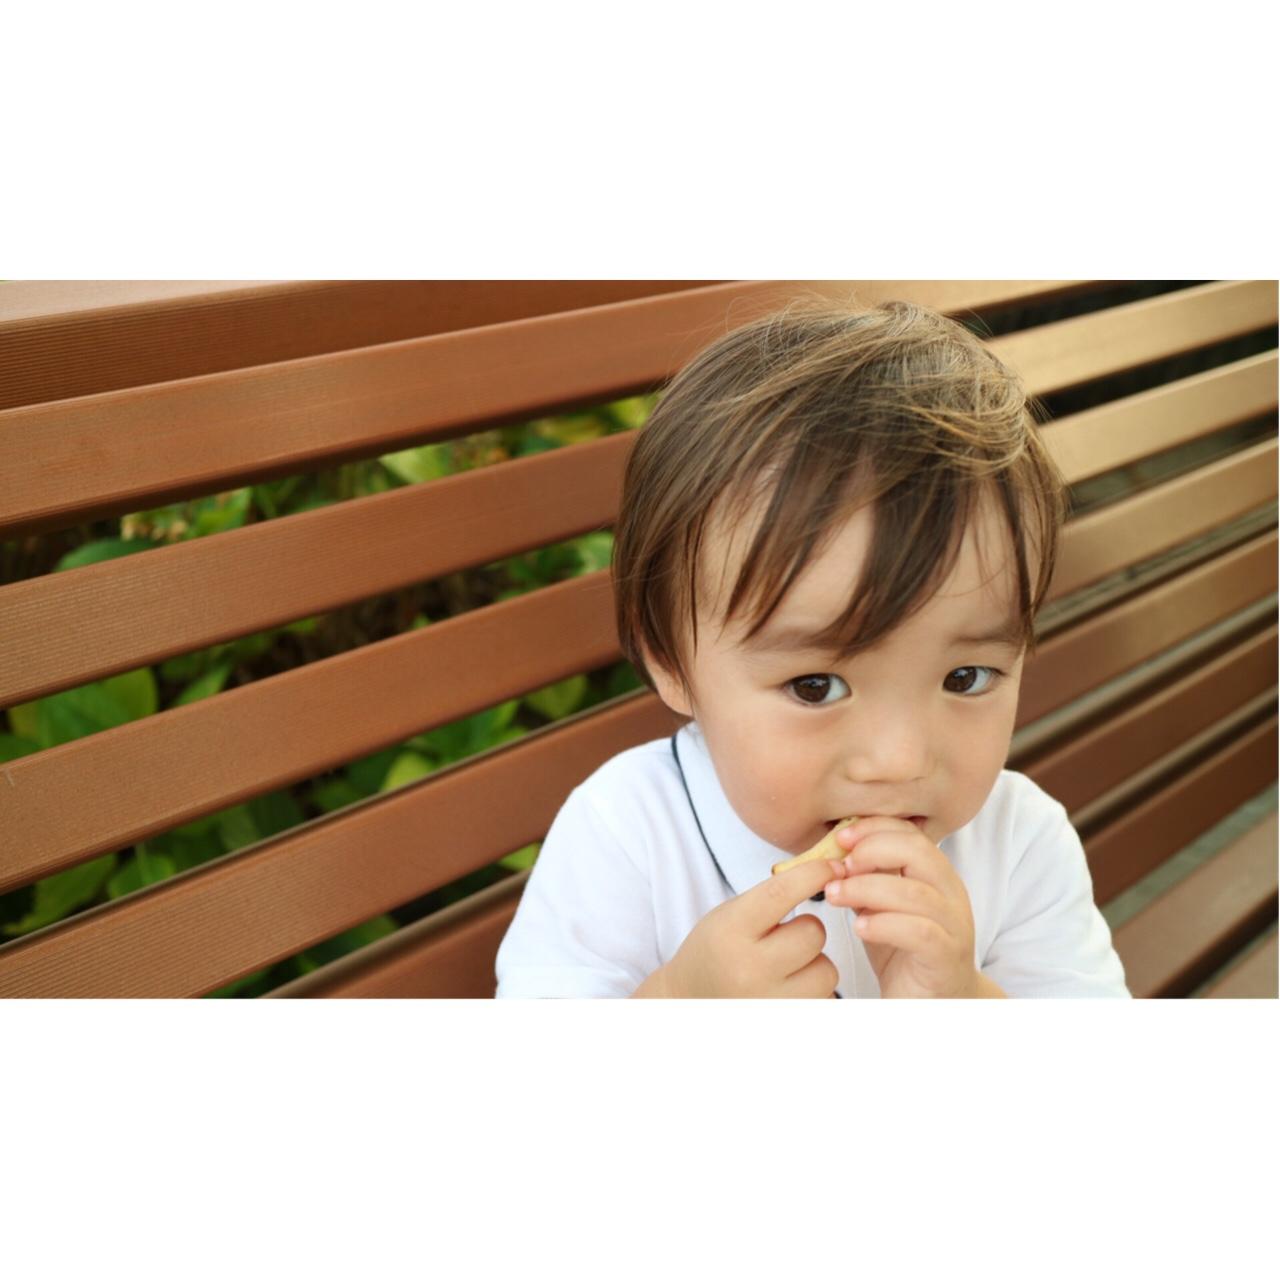 夏#ポテト#かわいい#2歳#男の子ポテトに目がない息子でした